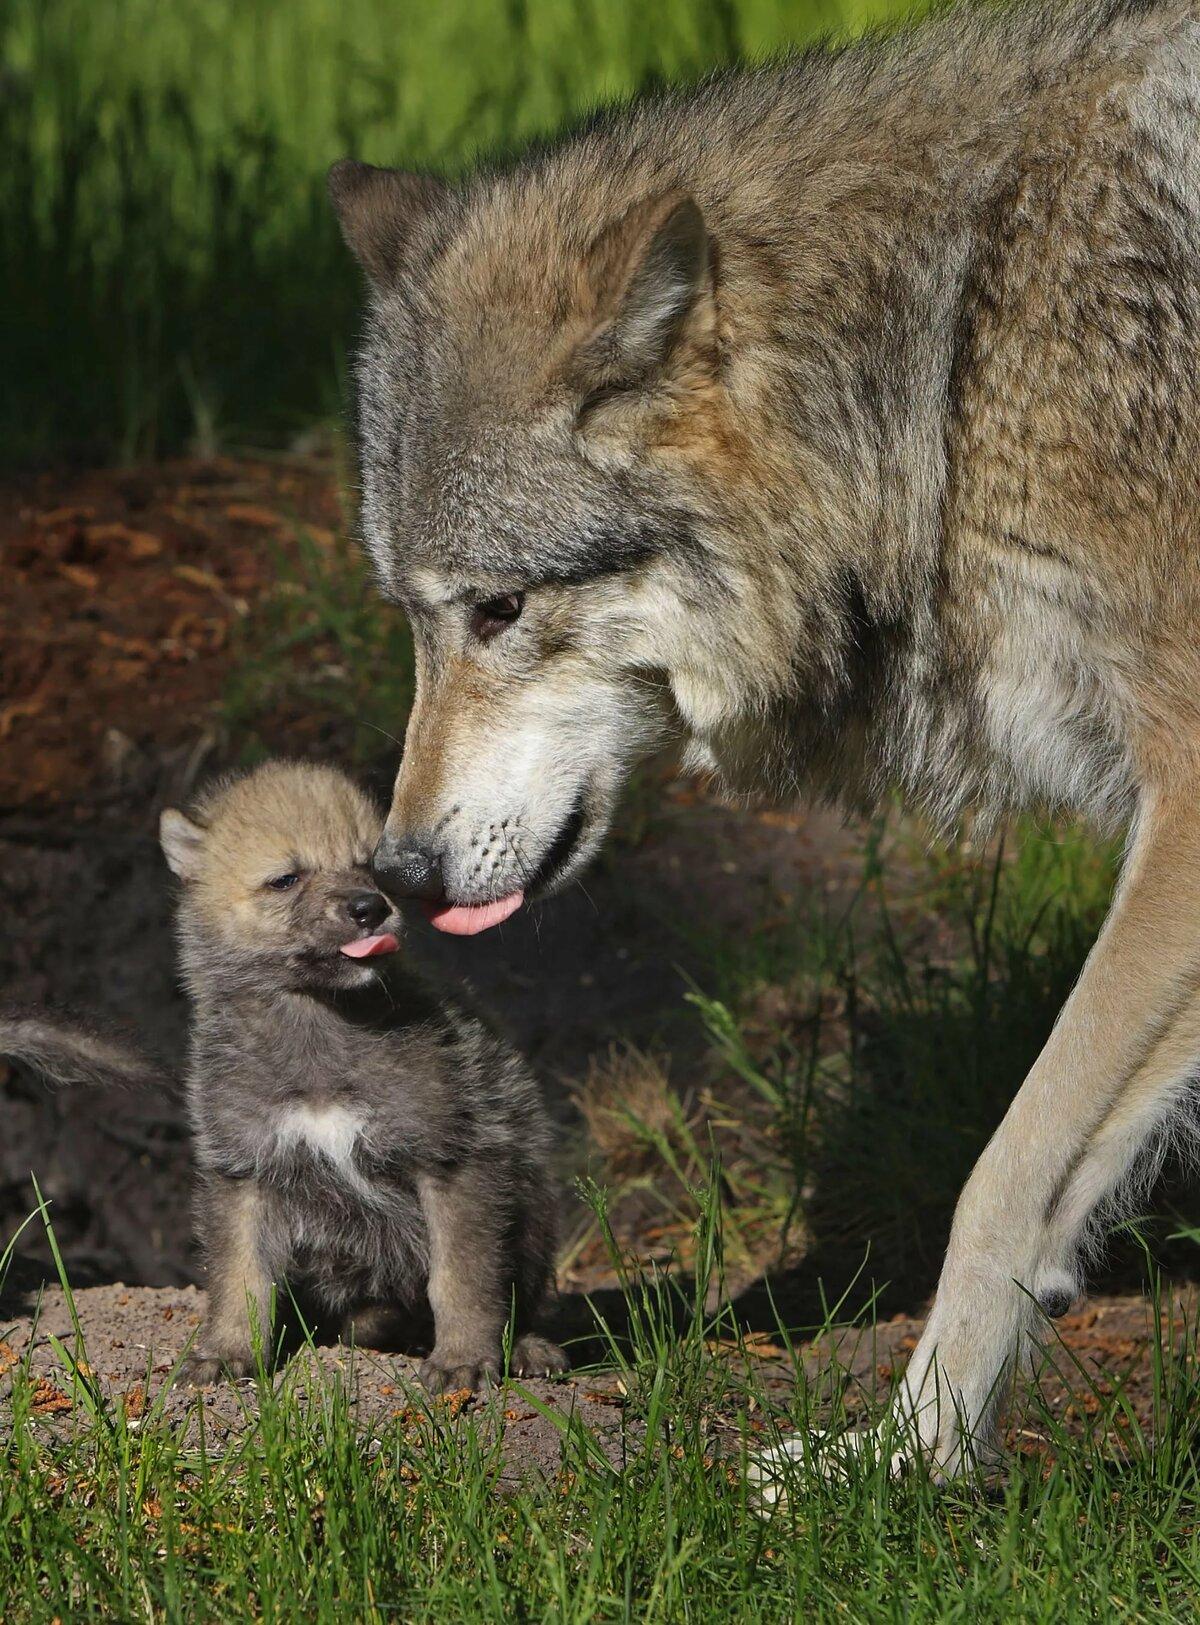 Картинка с волчатами, открытки фотографией караоке